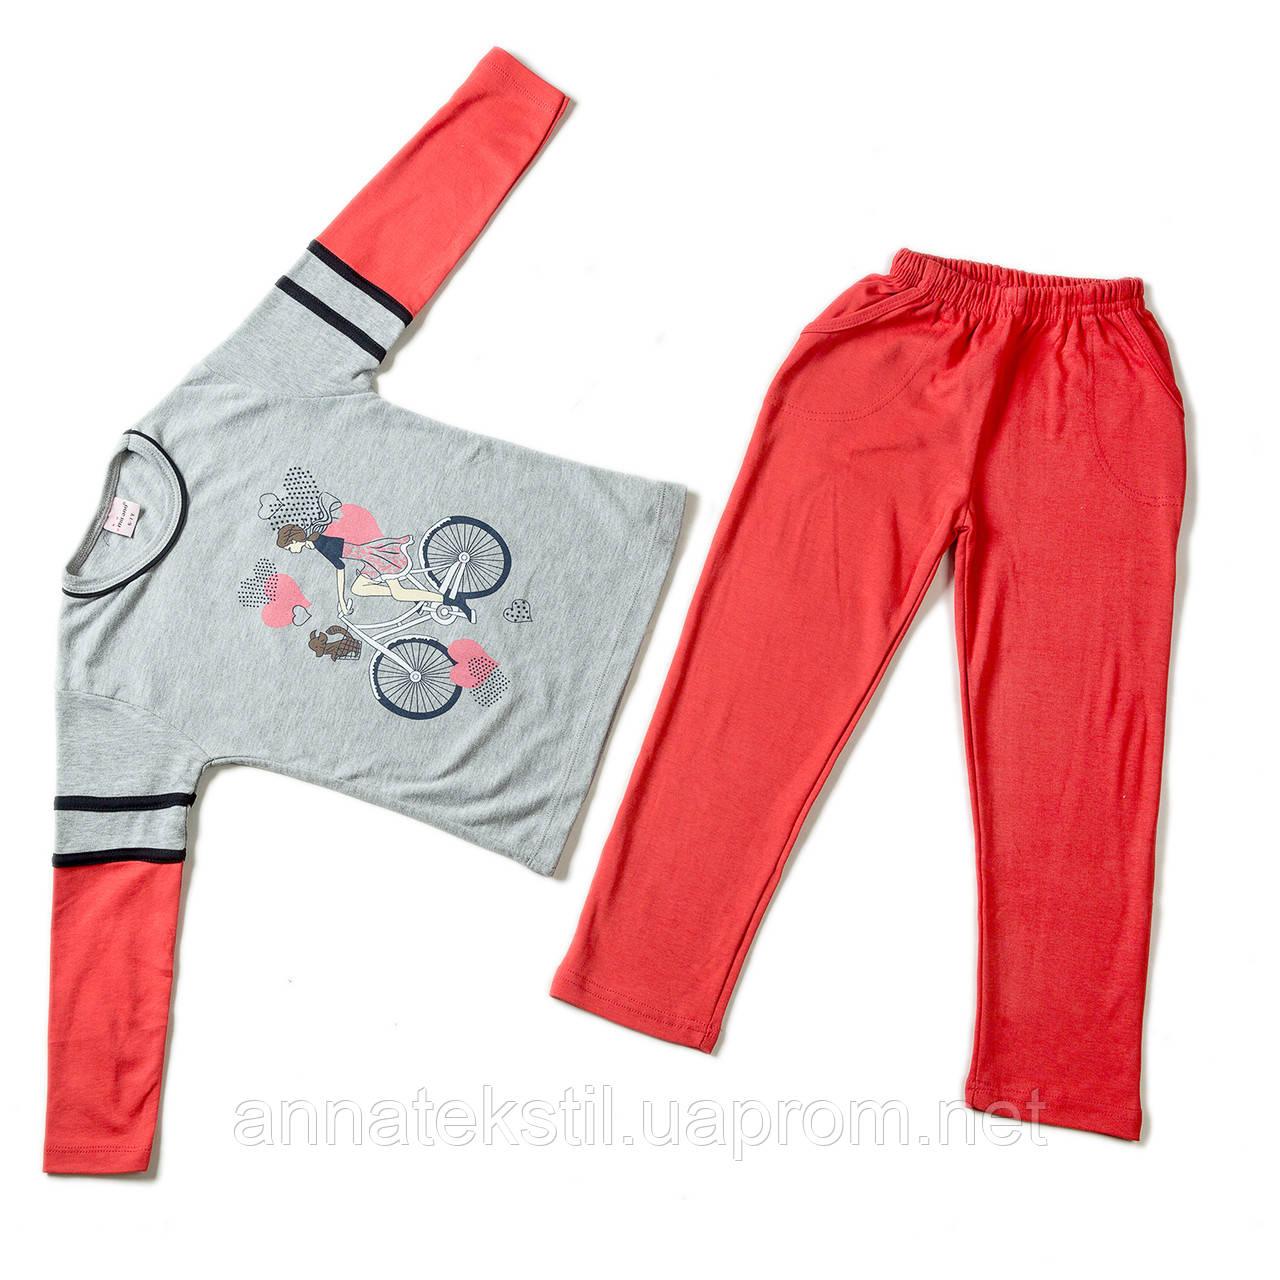 Купить пижамы для девочек в интернет магазине pizhama.od.ua. 6e11c8bb624ad